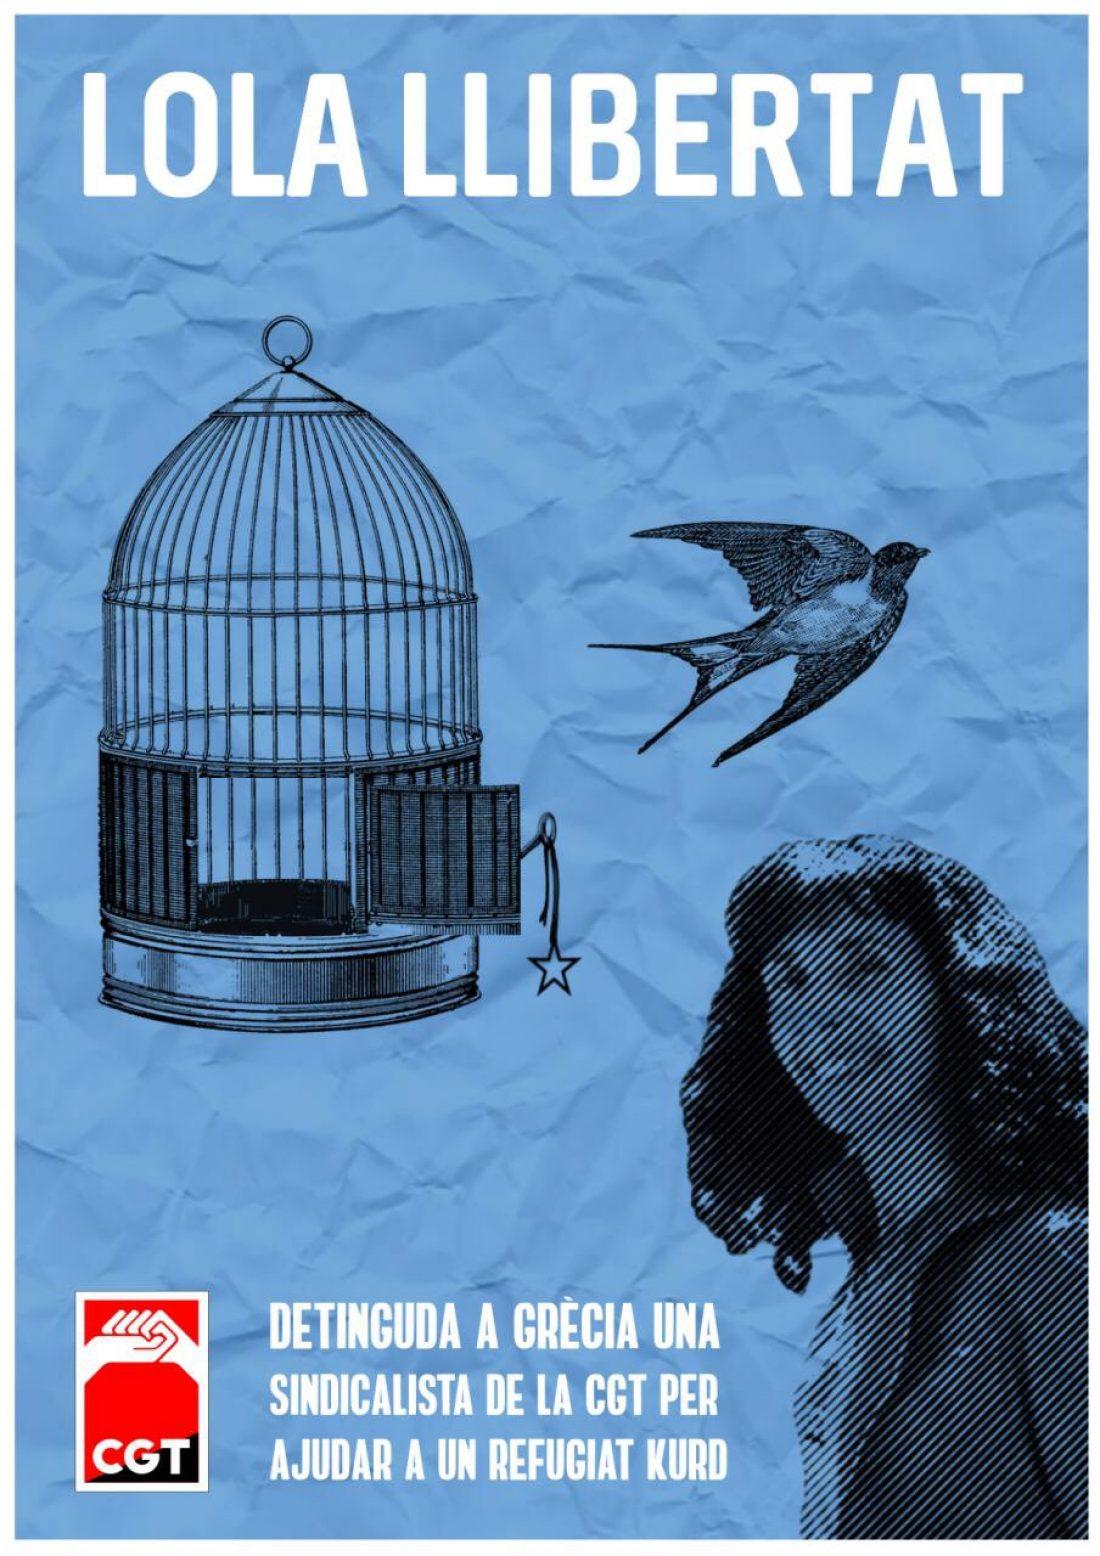 Contra la represión a la solidaridad, ¡Lola libertad!